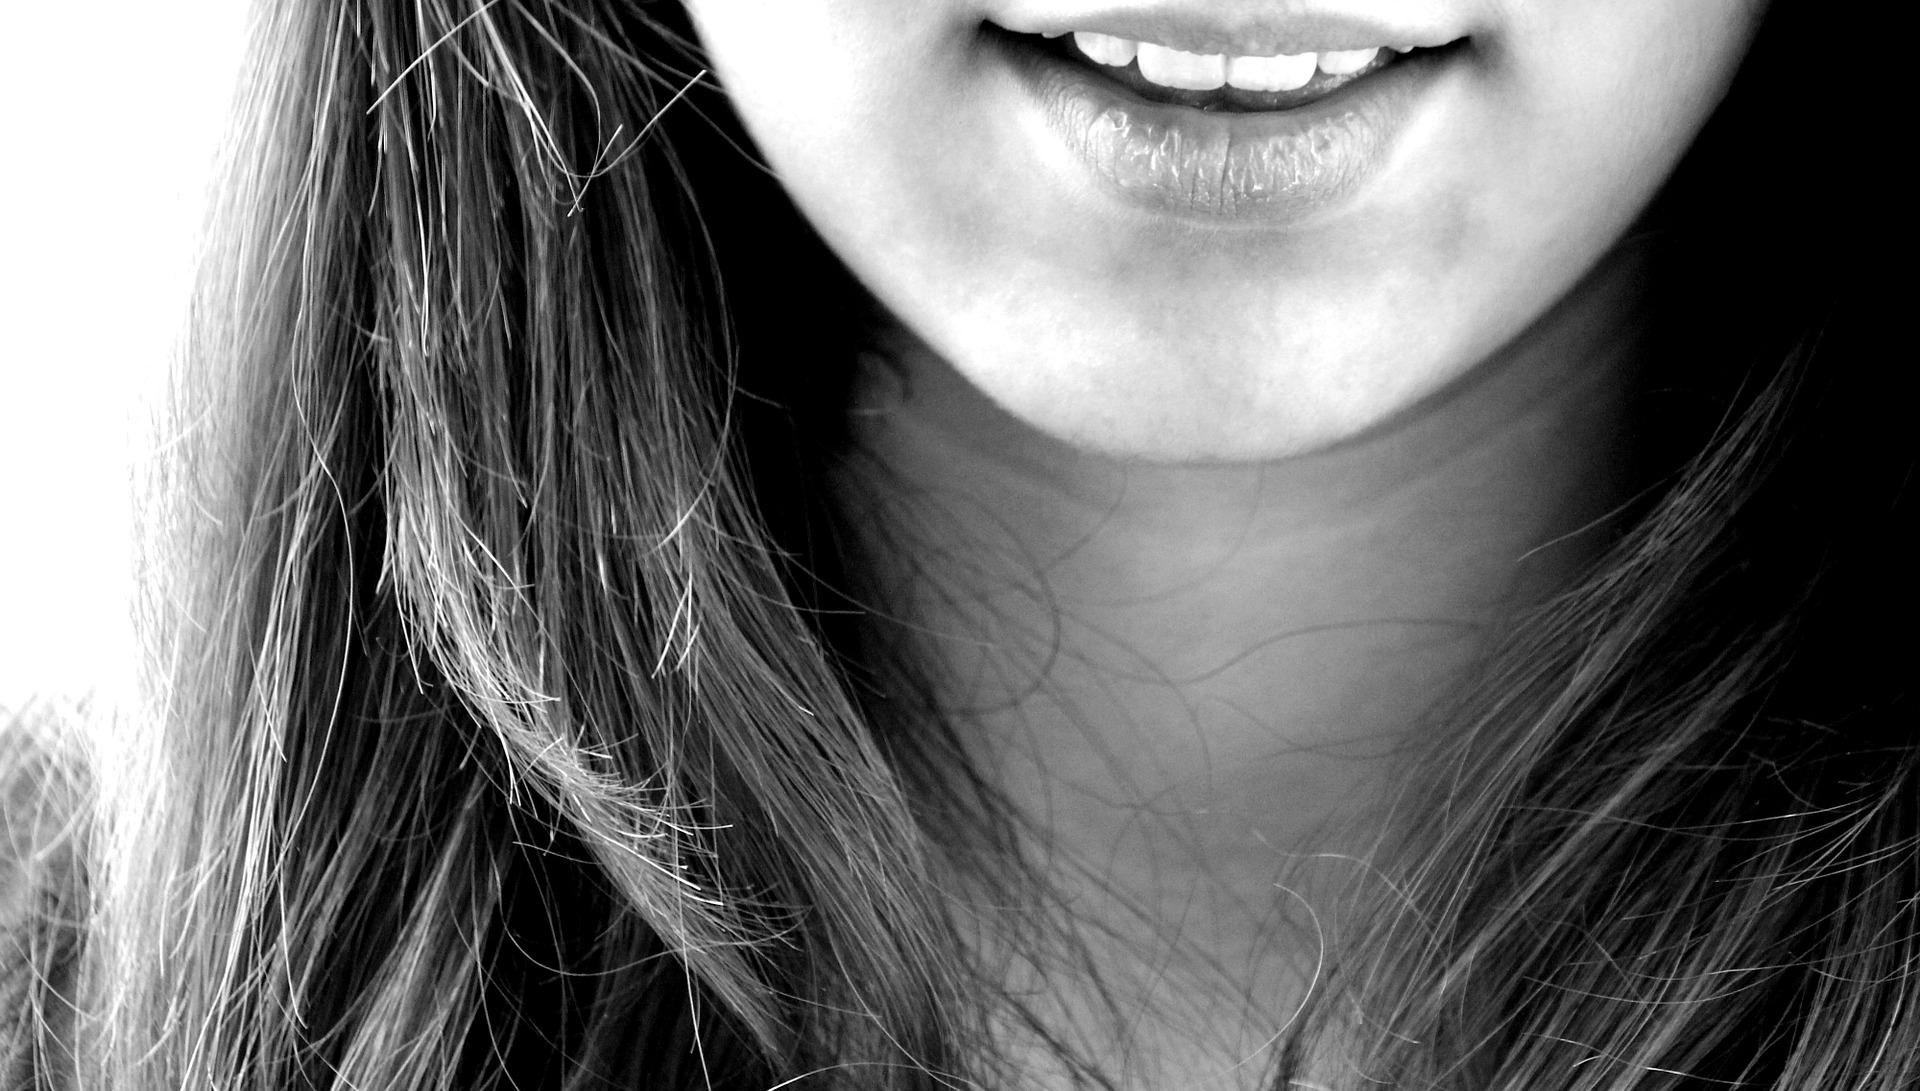 Kuracja kolagenem dla uzyskania i zachowania młodego wyglądu